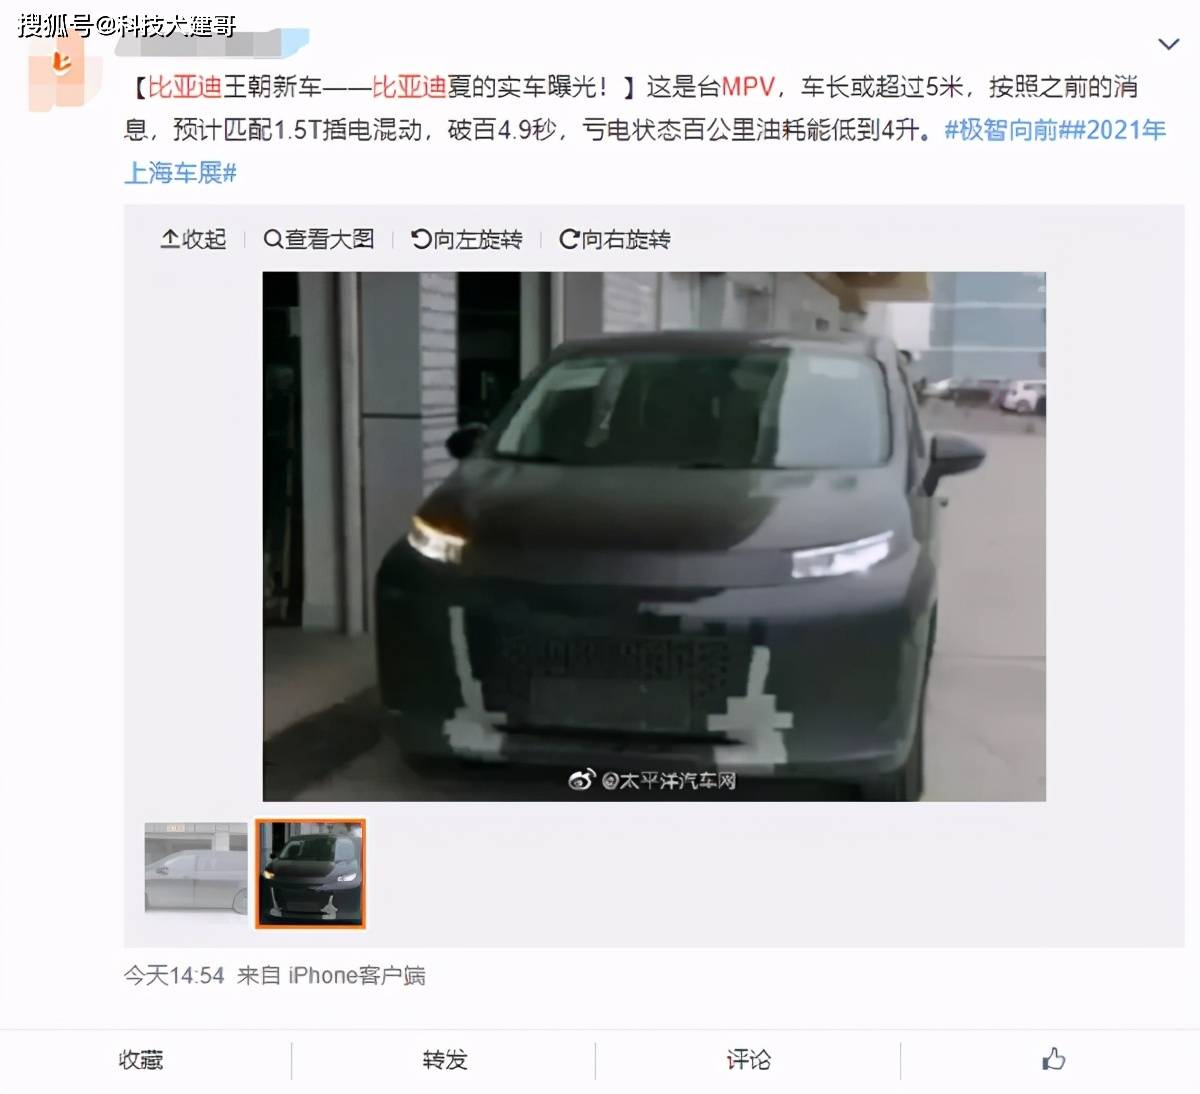 天顺app下载-首页【1.1.4】  第2张